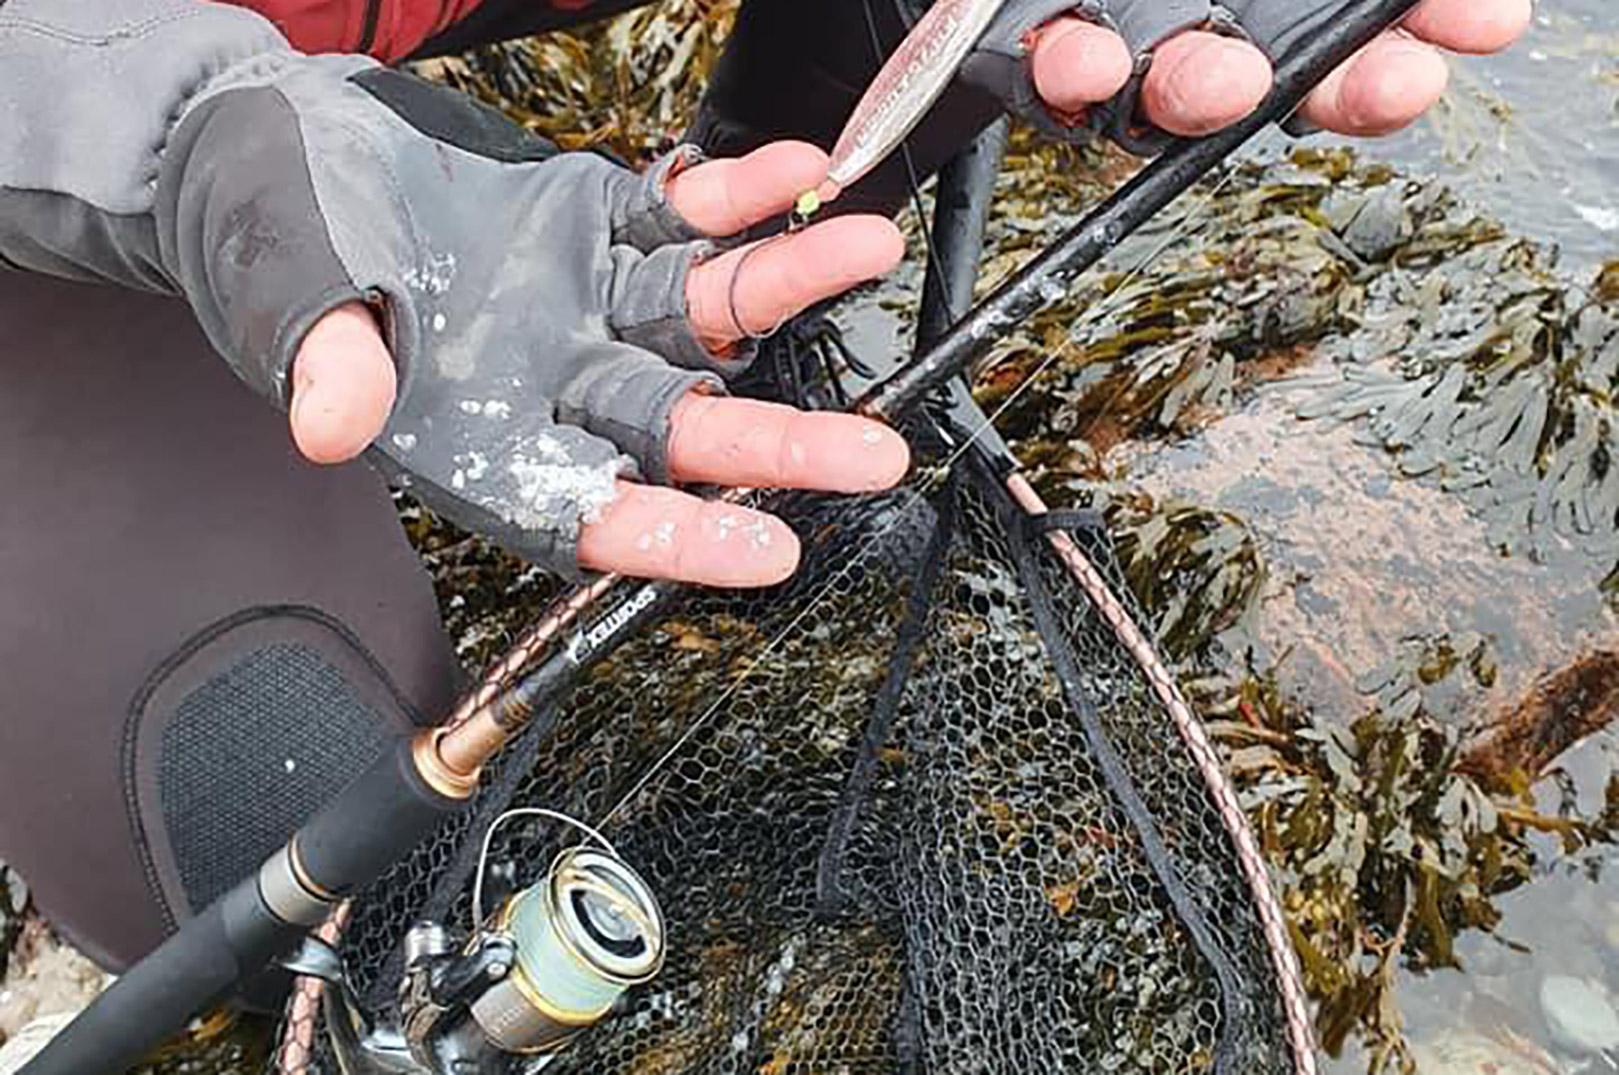 Sølvskæl på finrene er gode tegn på havørred i farvandet